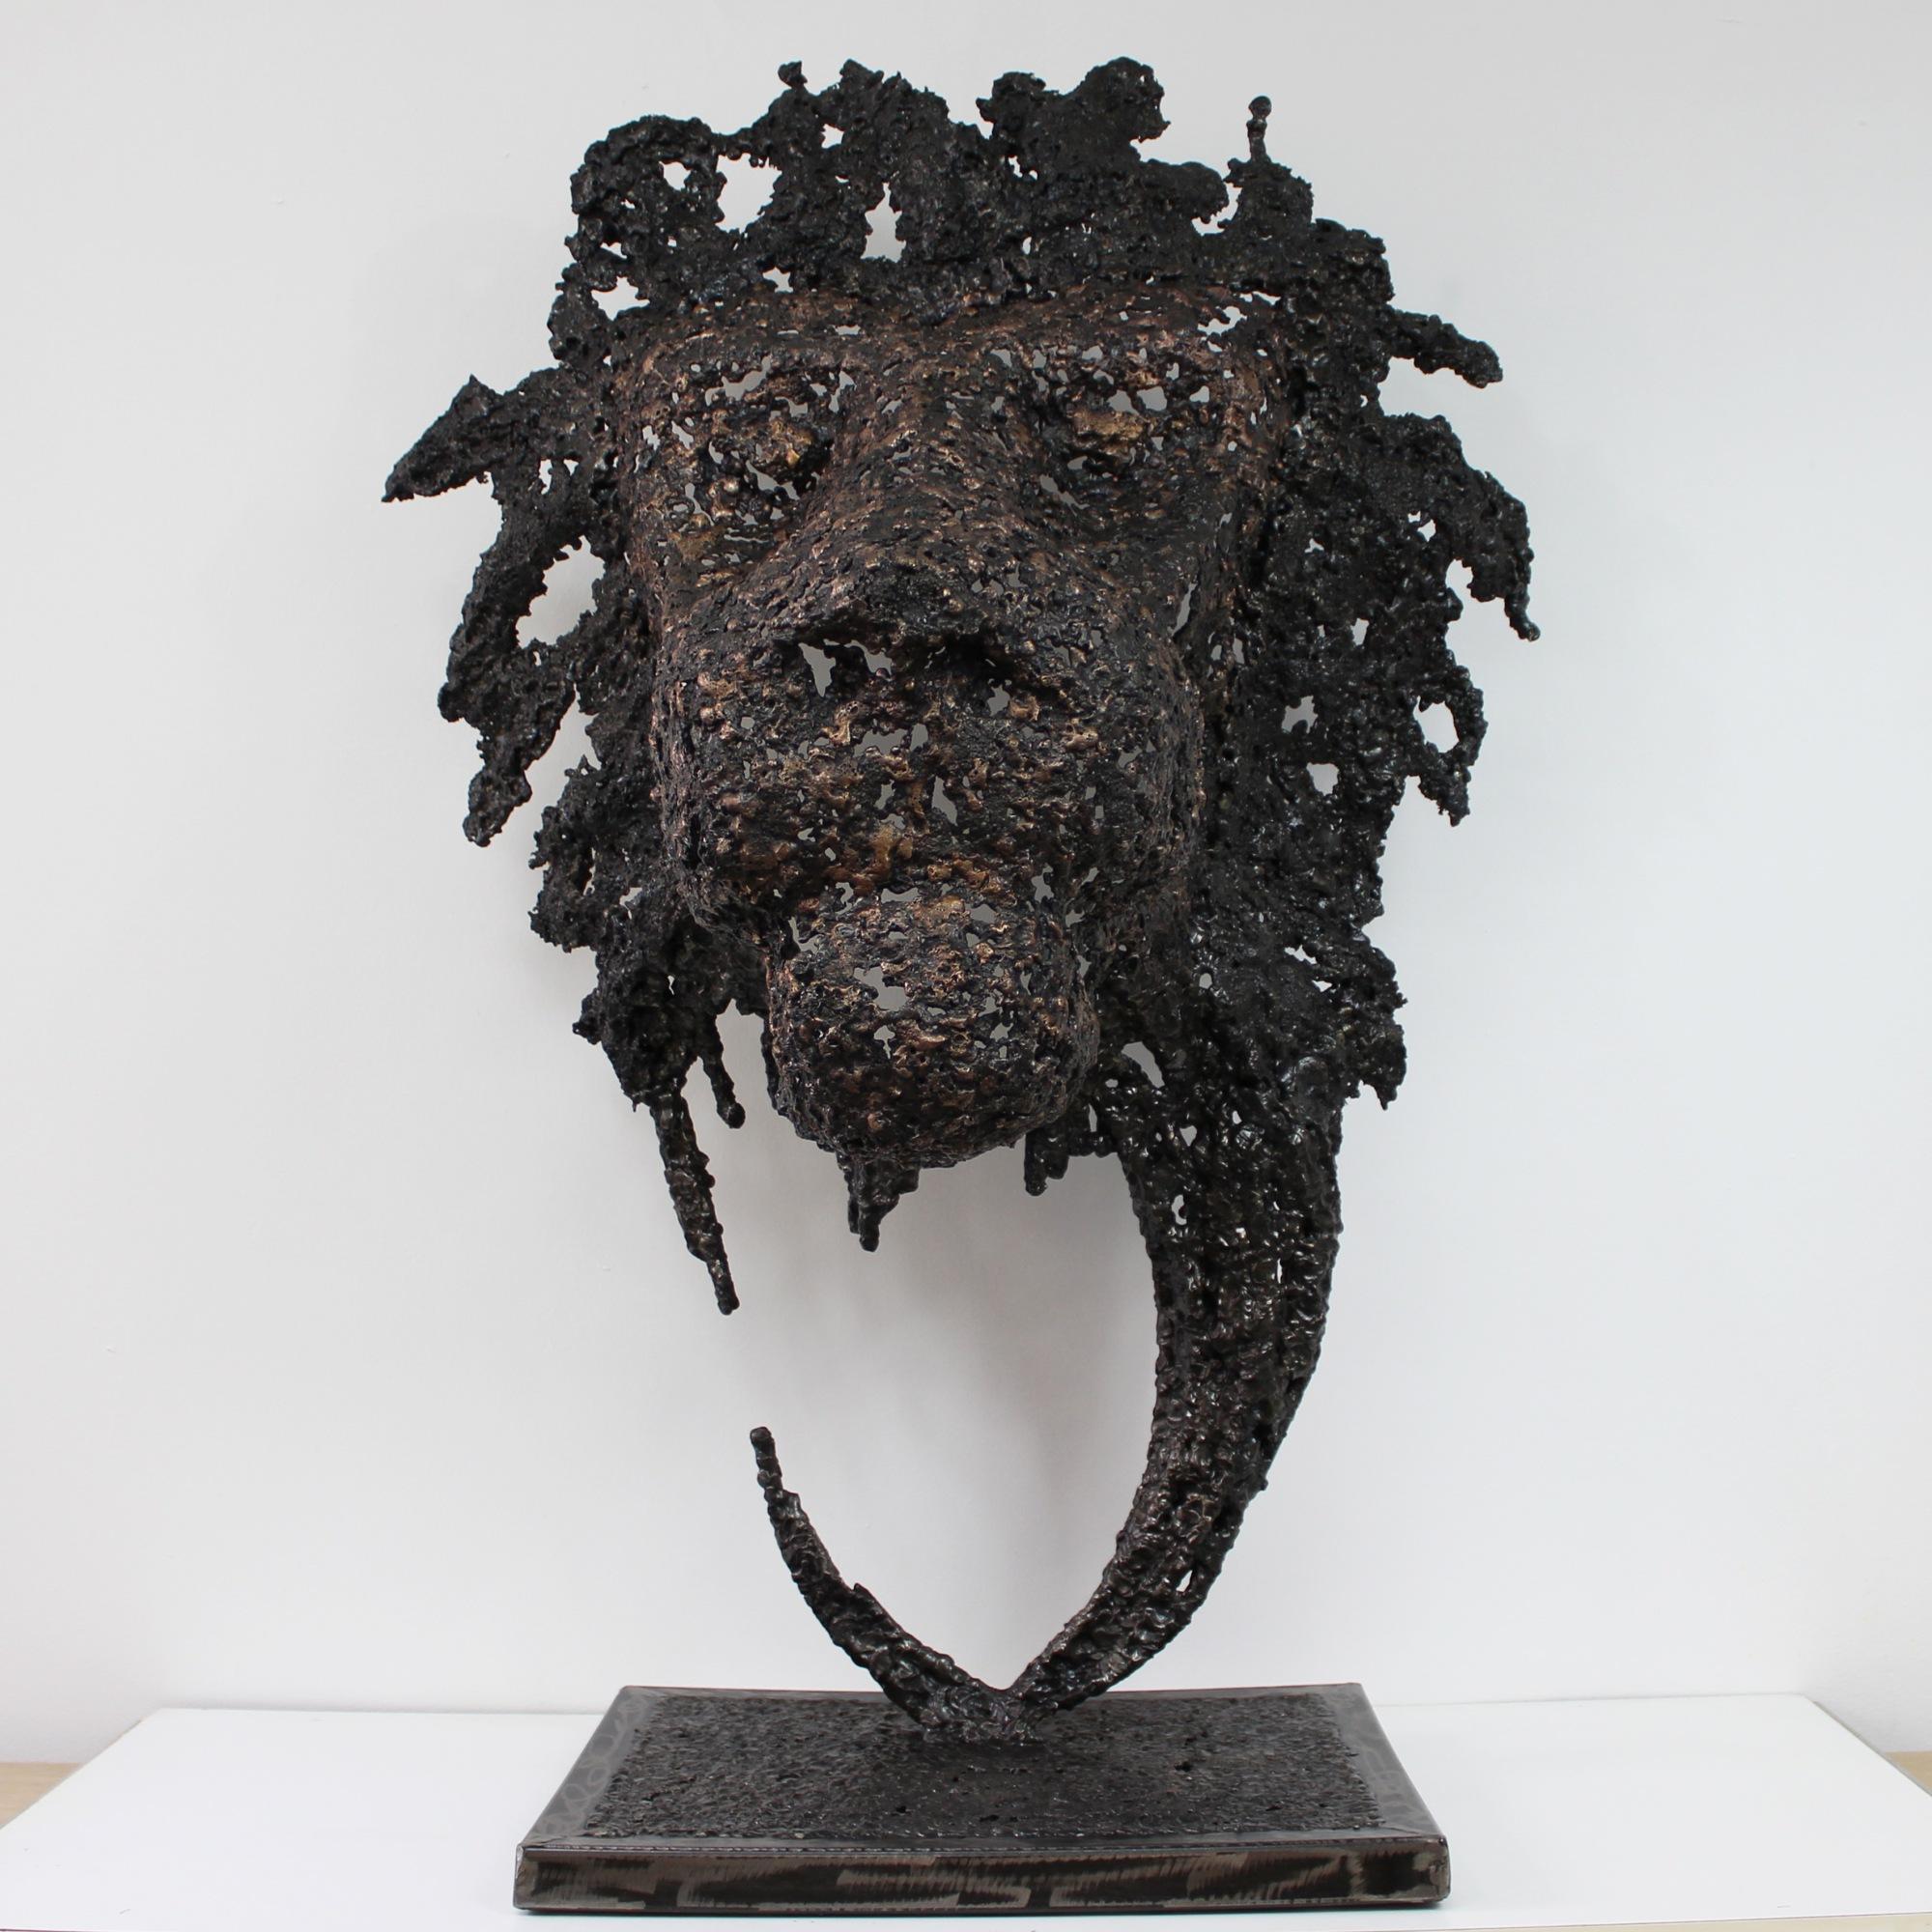 Tete de Lion - Sculpture animal tete de lion en acier bronze - a